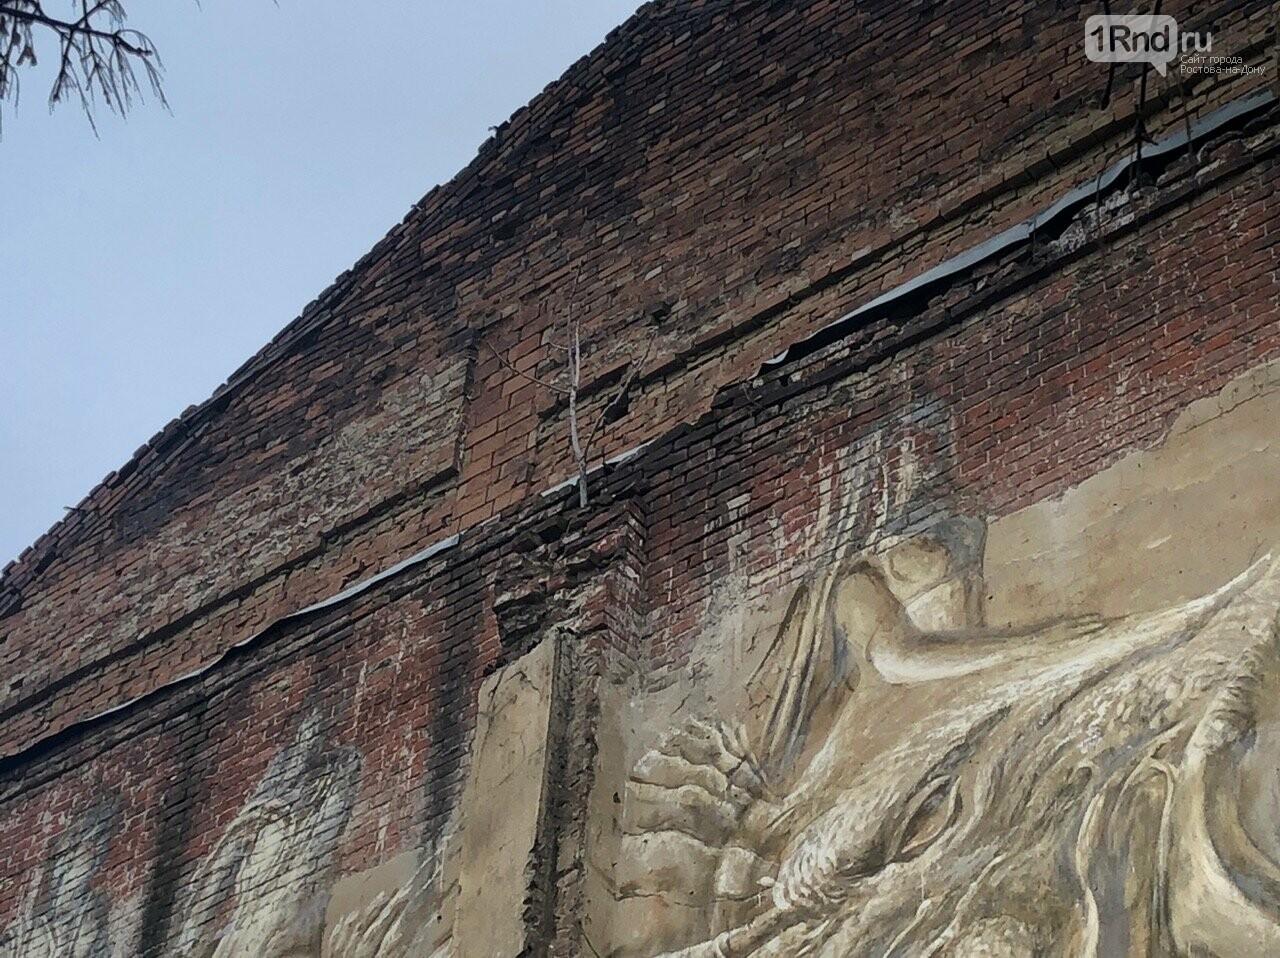 В Ростове на стене разрушенного дома появилась фреска с античными музами, фото-2